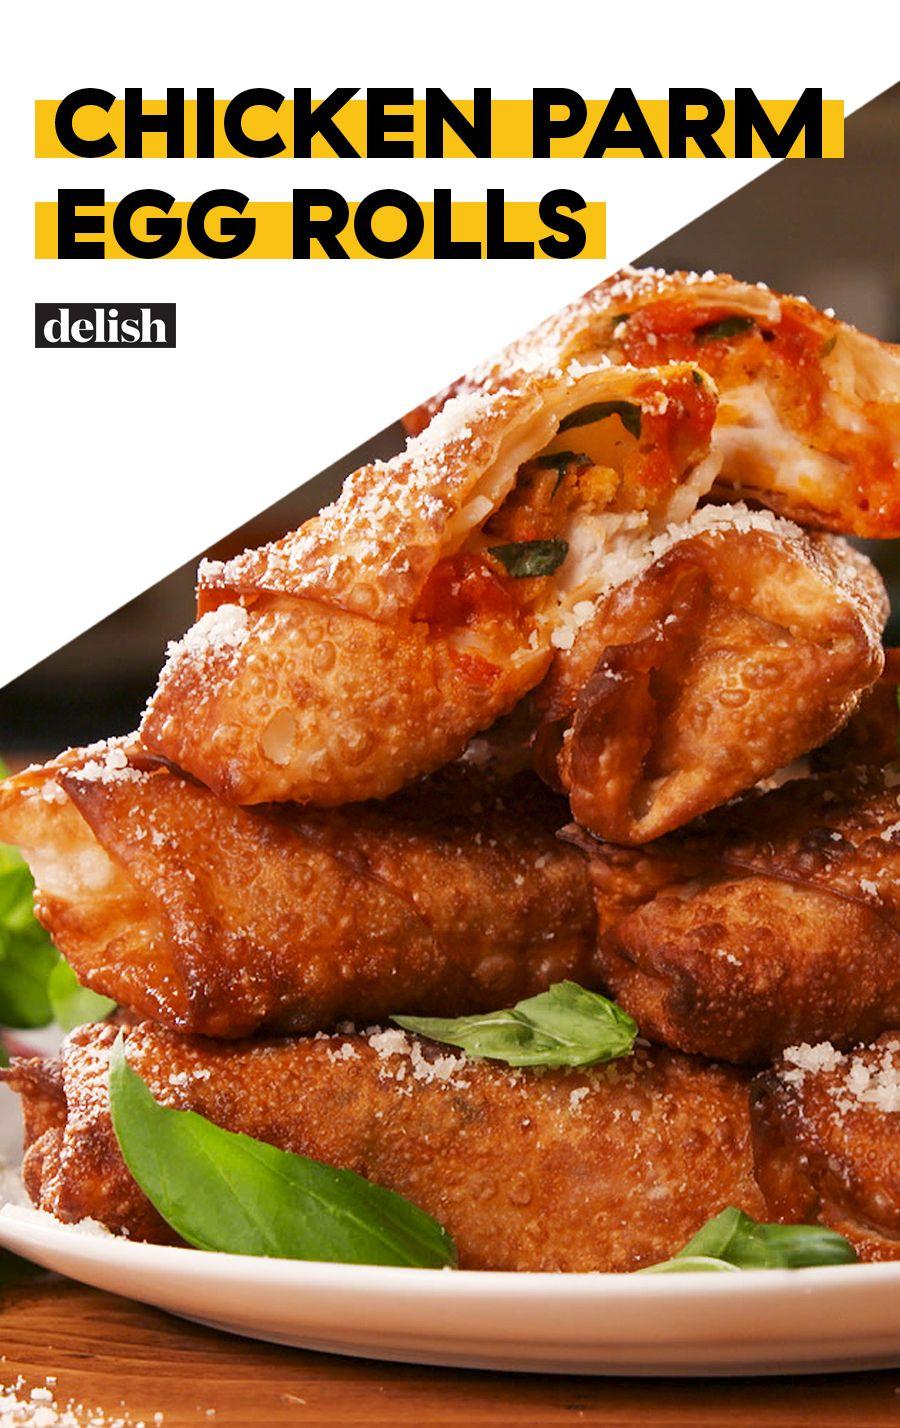 Chicken Parm Egg Rolls Chicken Parm On The Go Recipe Egg Roll Recipes Appetizer Recipes Recipes